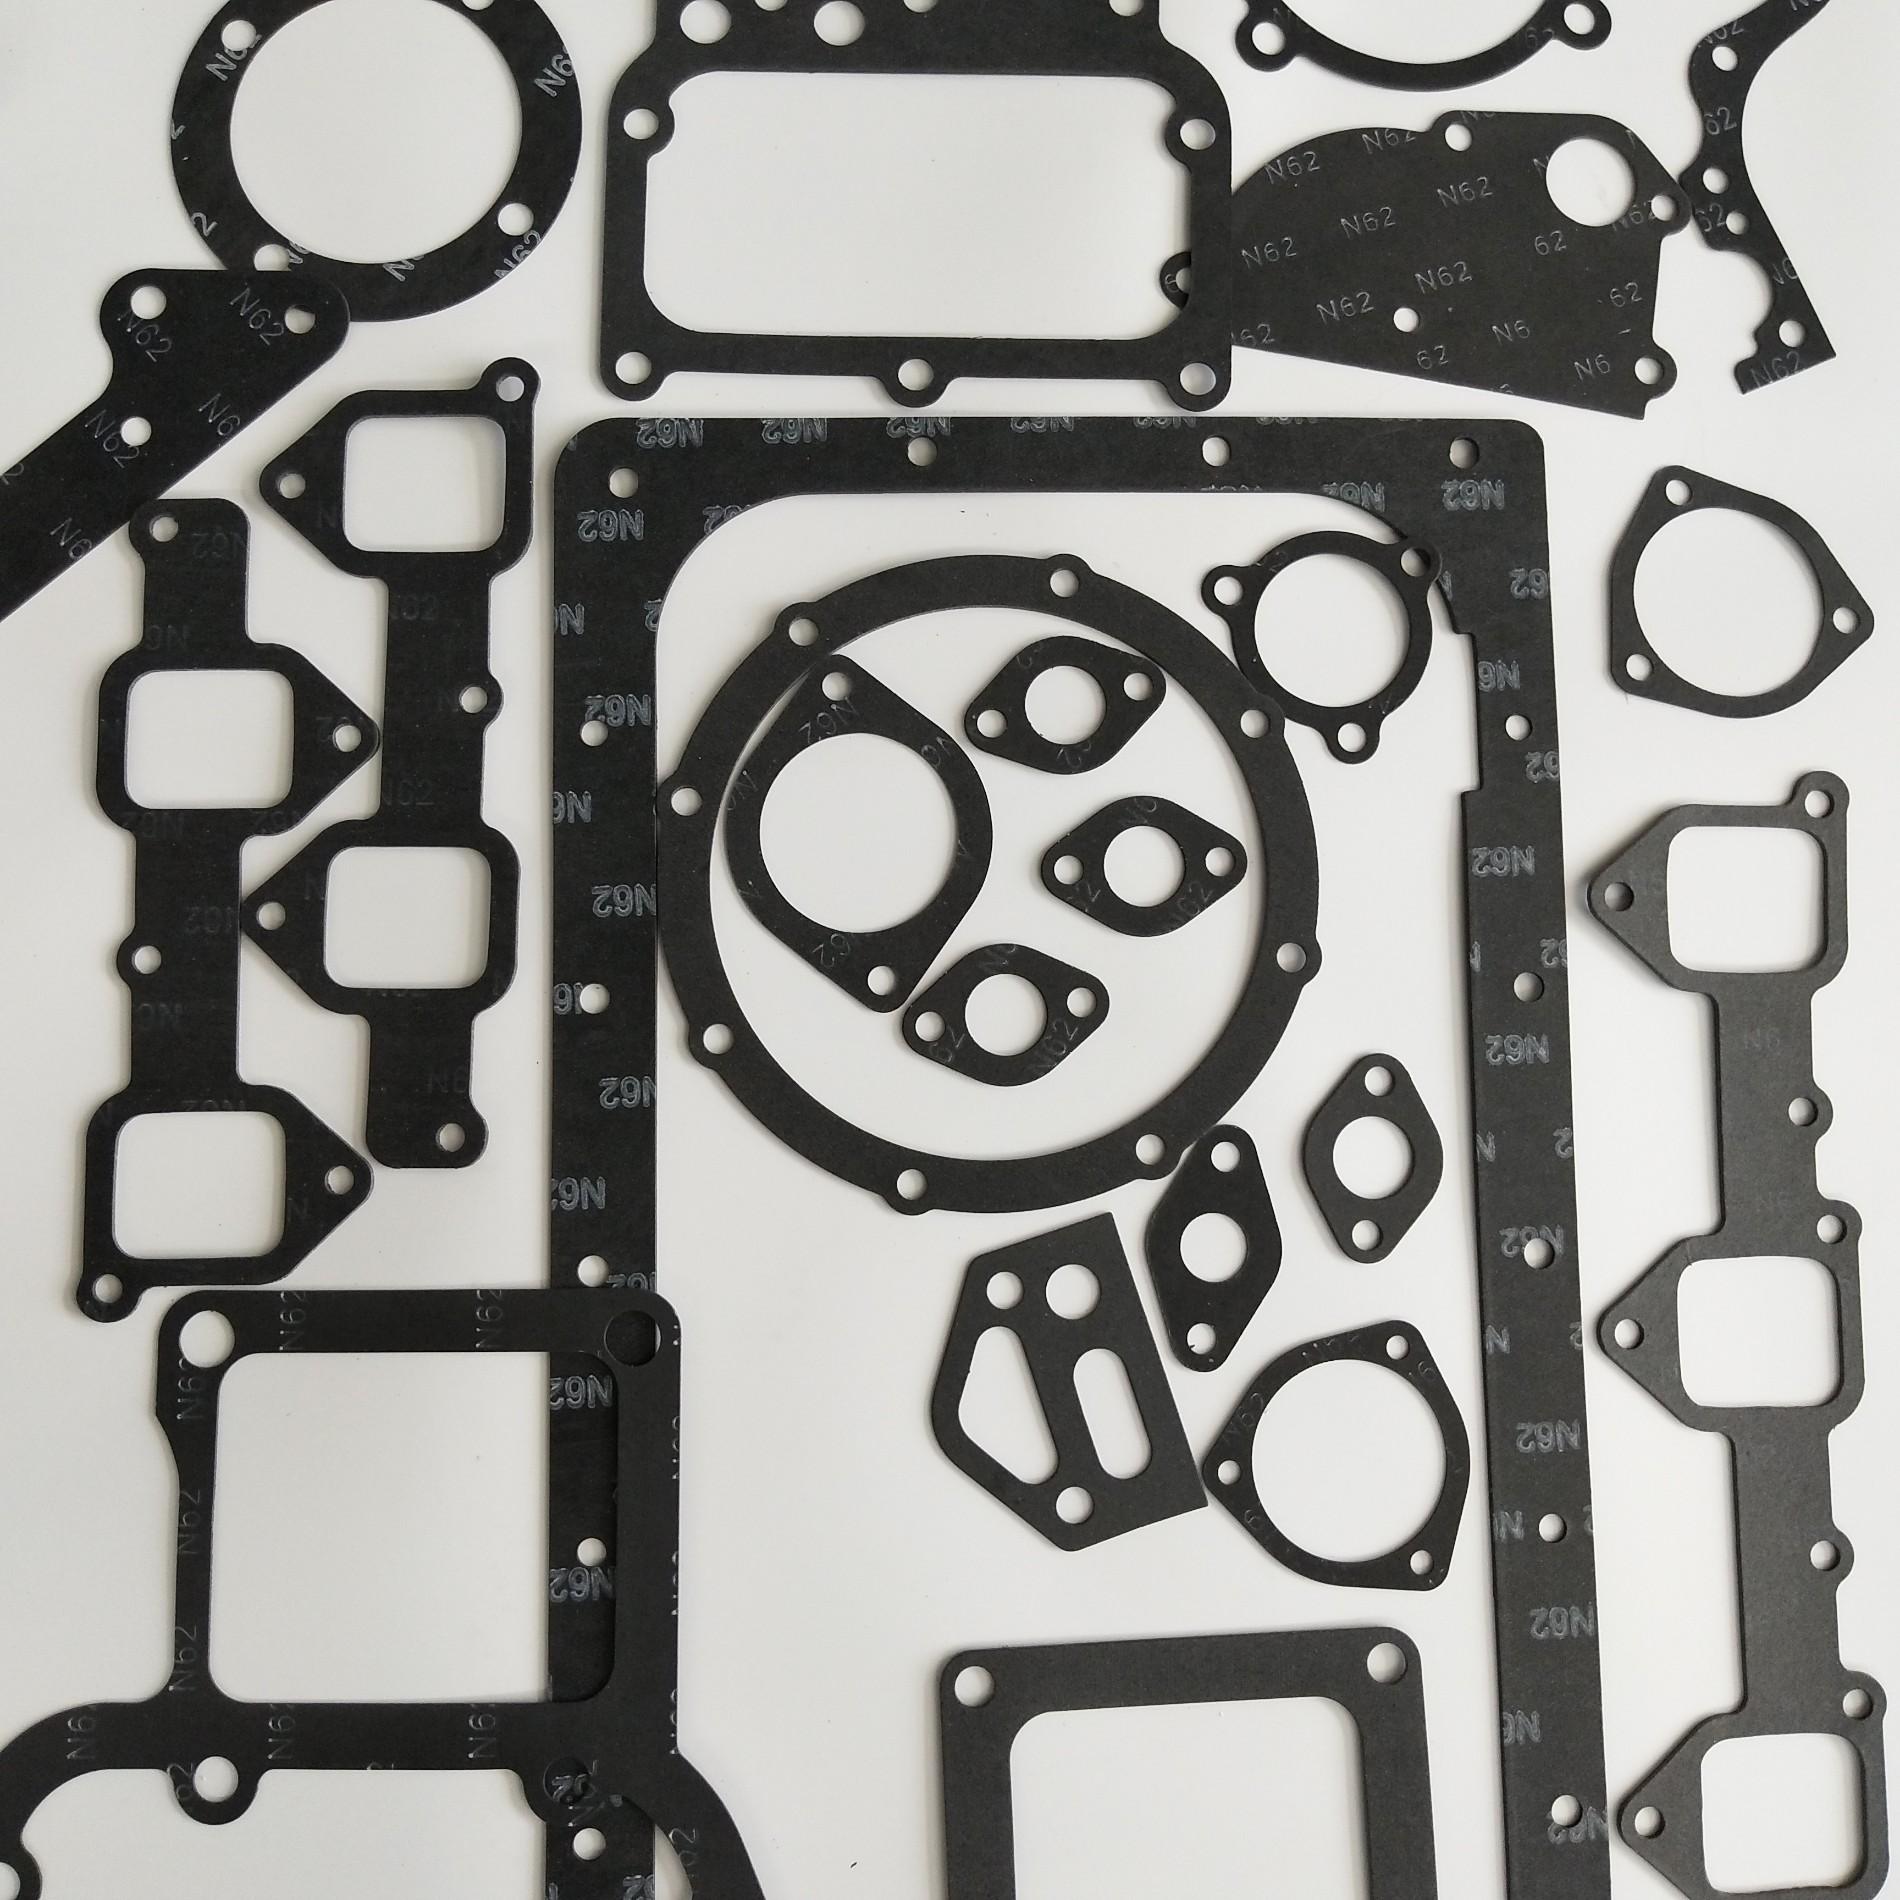 فوتون کامینز .8 .8 کیت واشر موتور تعمیر